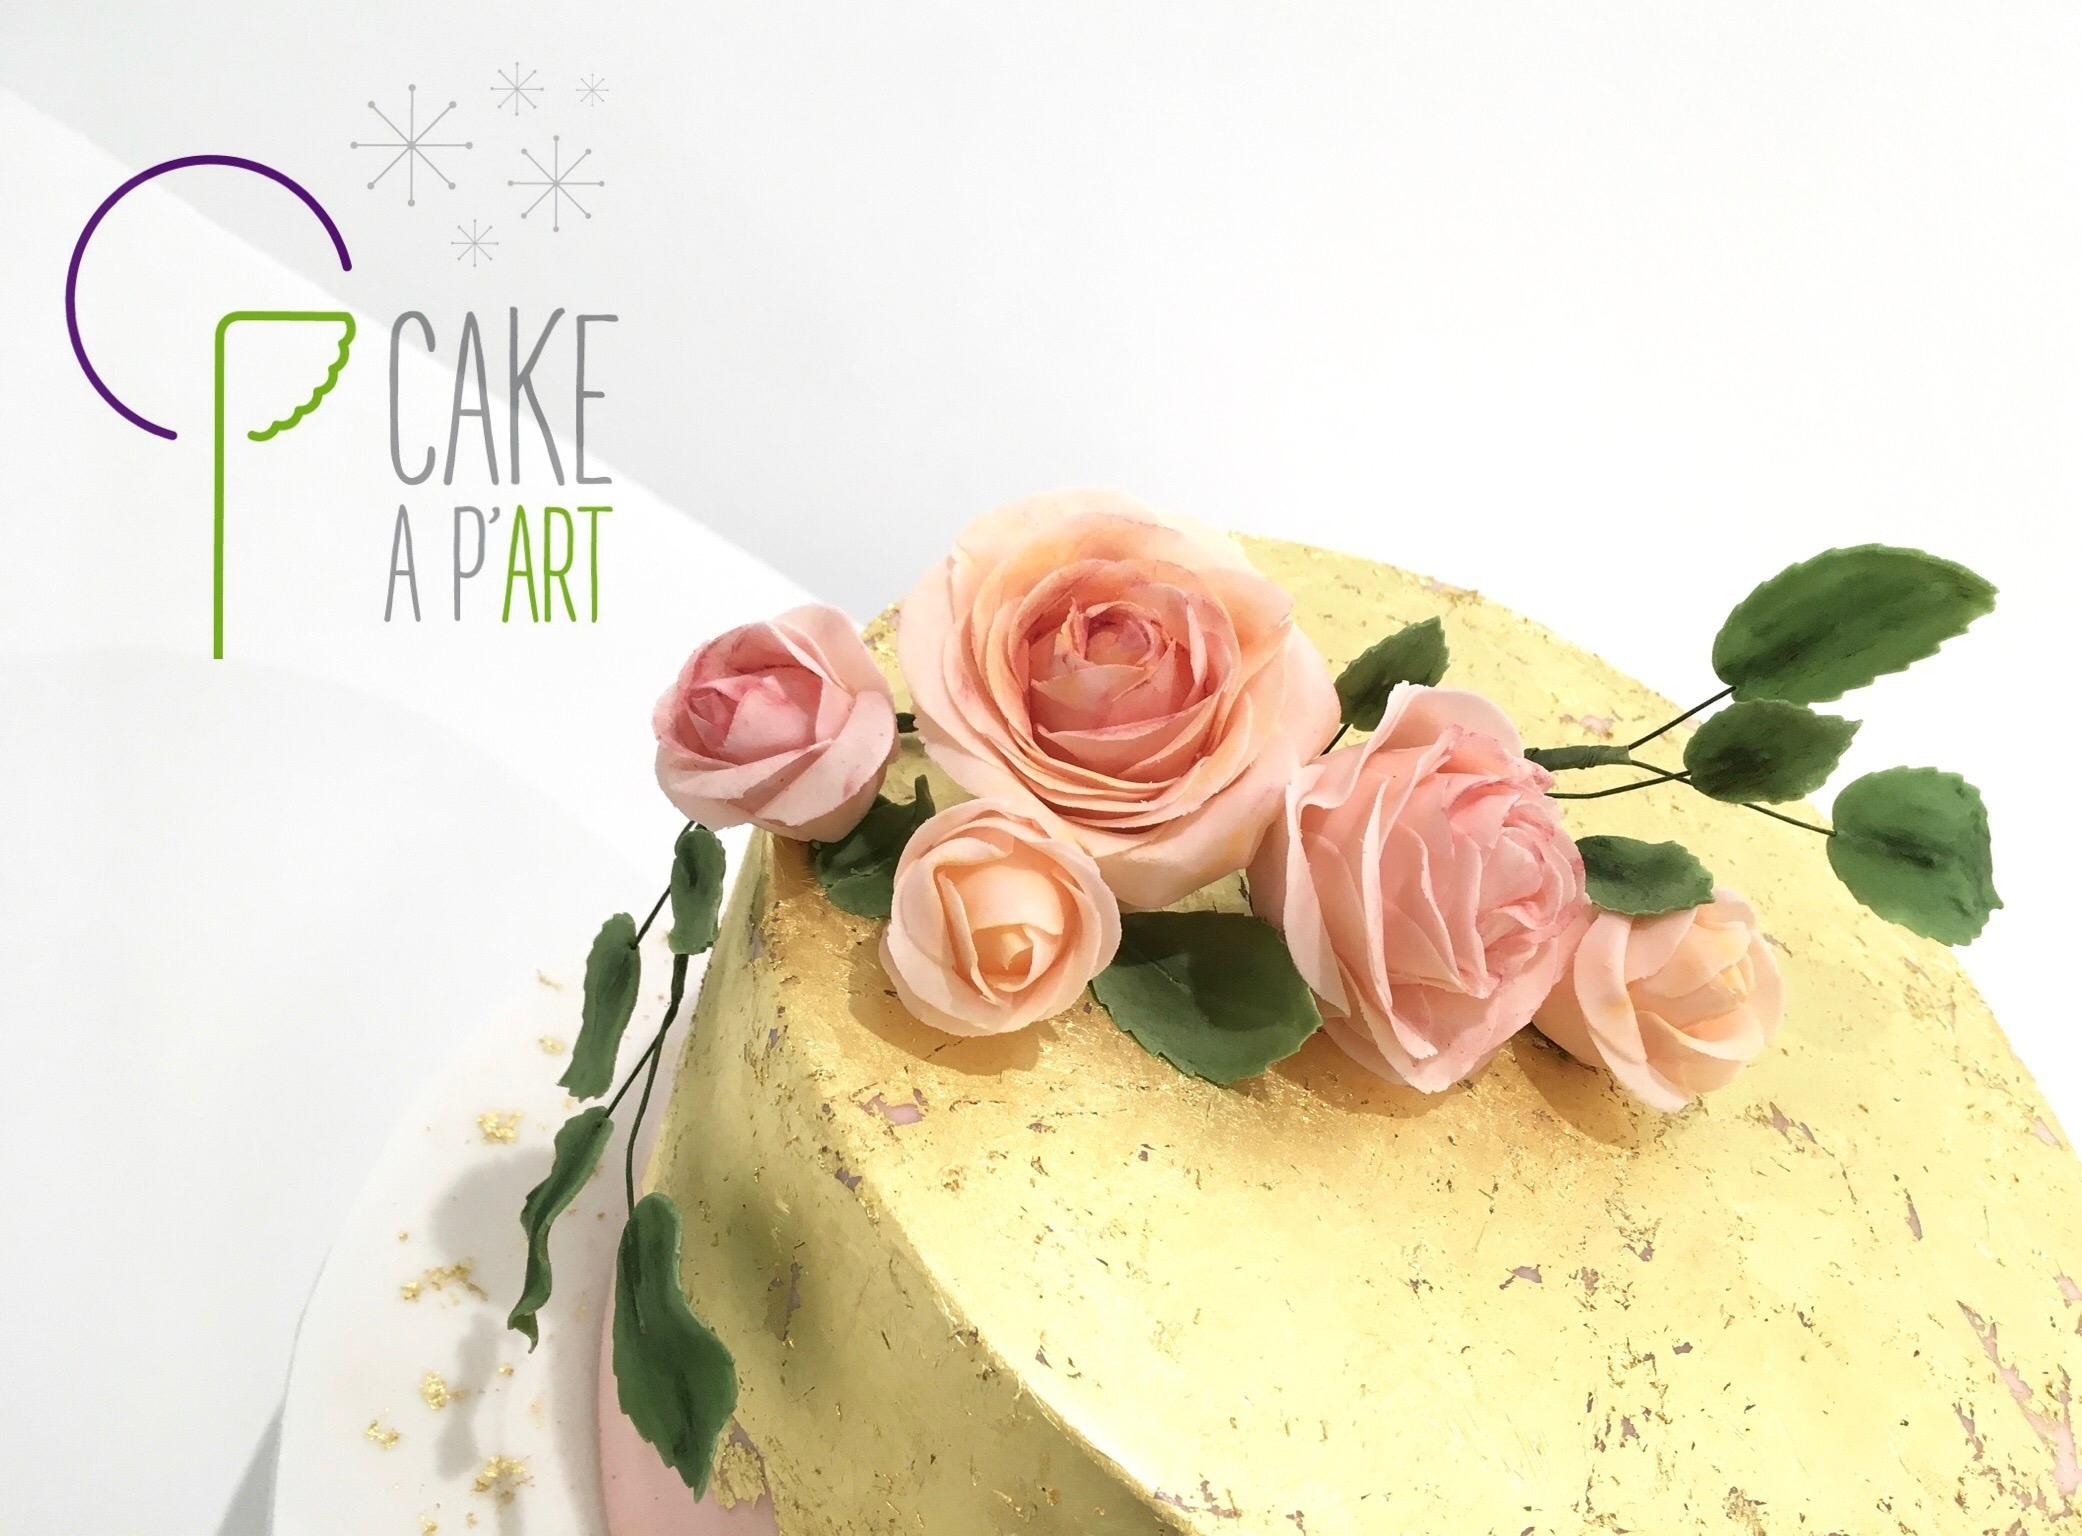 Décor en sucre gâteaux personnalisés - Mariage fleurs Roses pastels